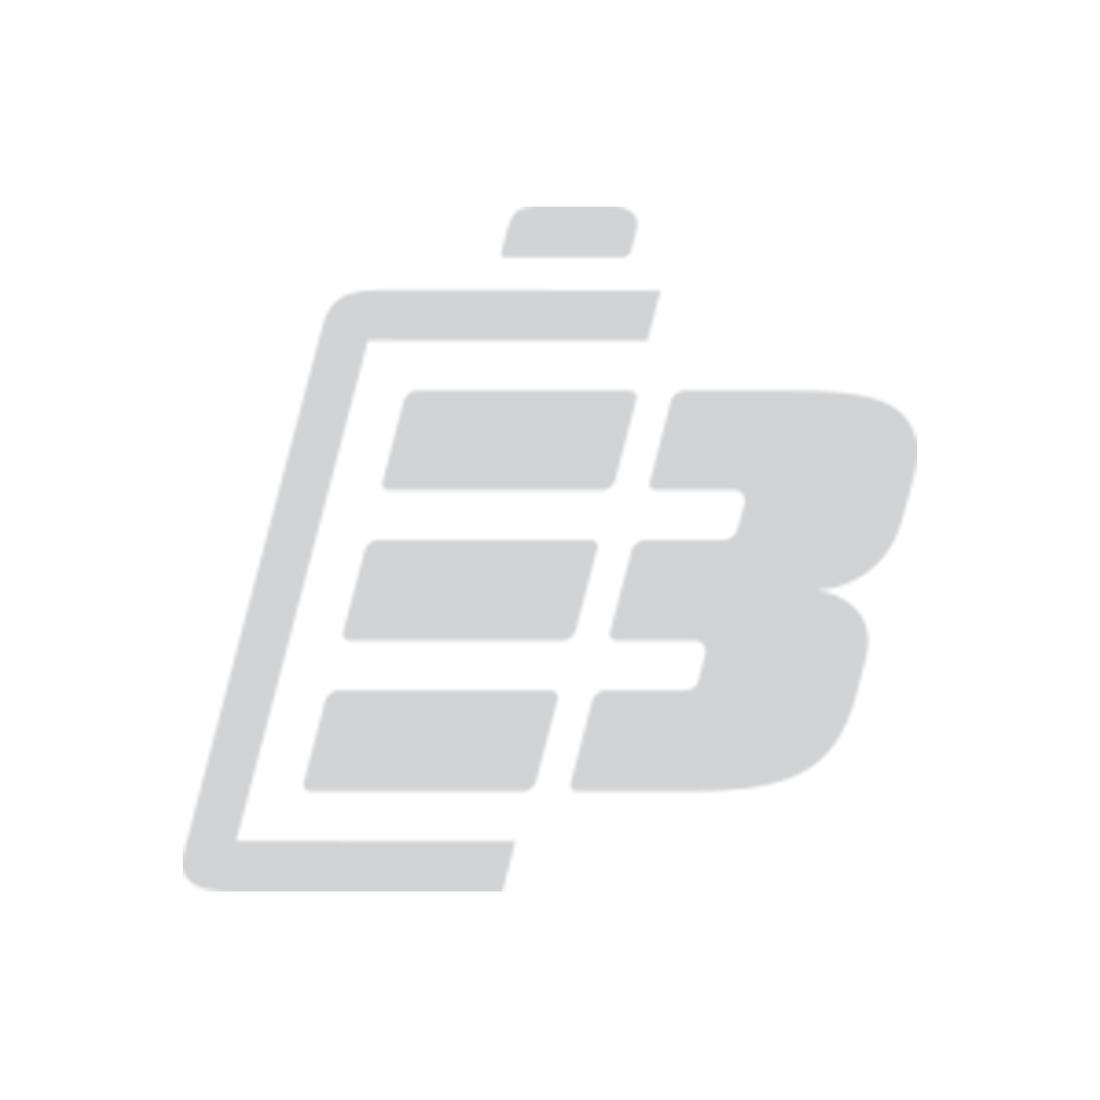 Μπαταρία smartphone HTC Touch Dual P5310_1